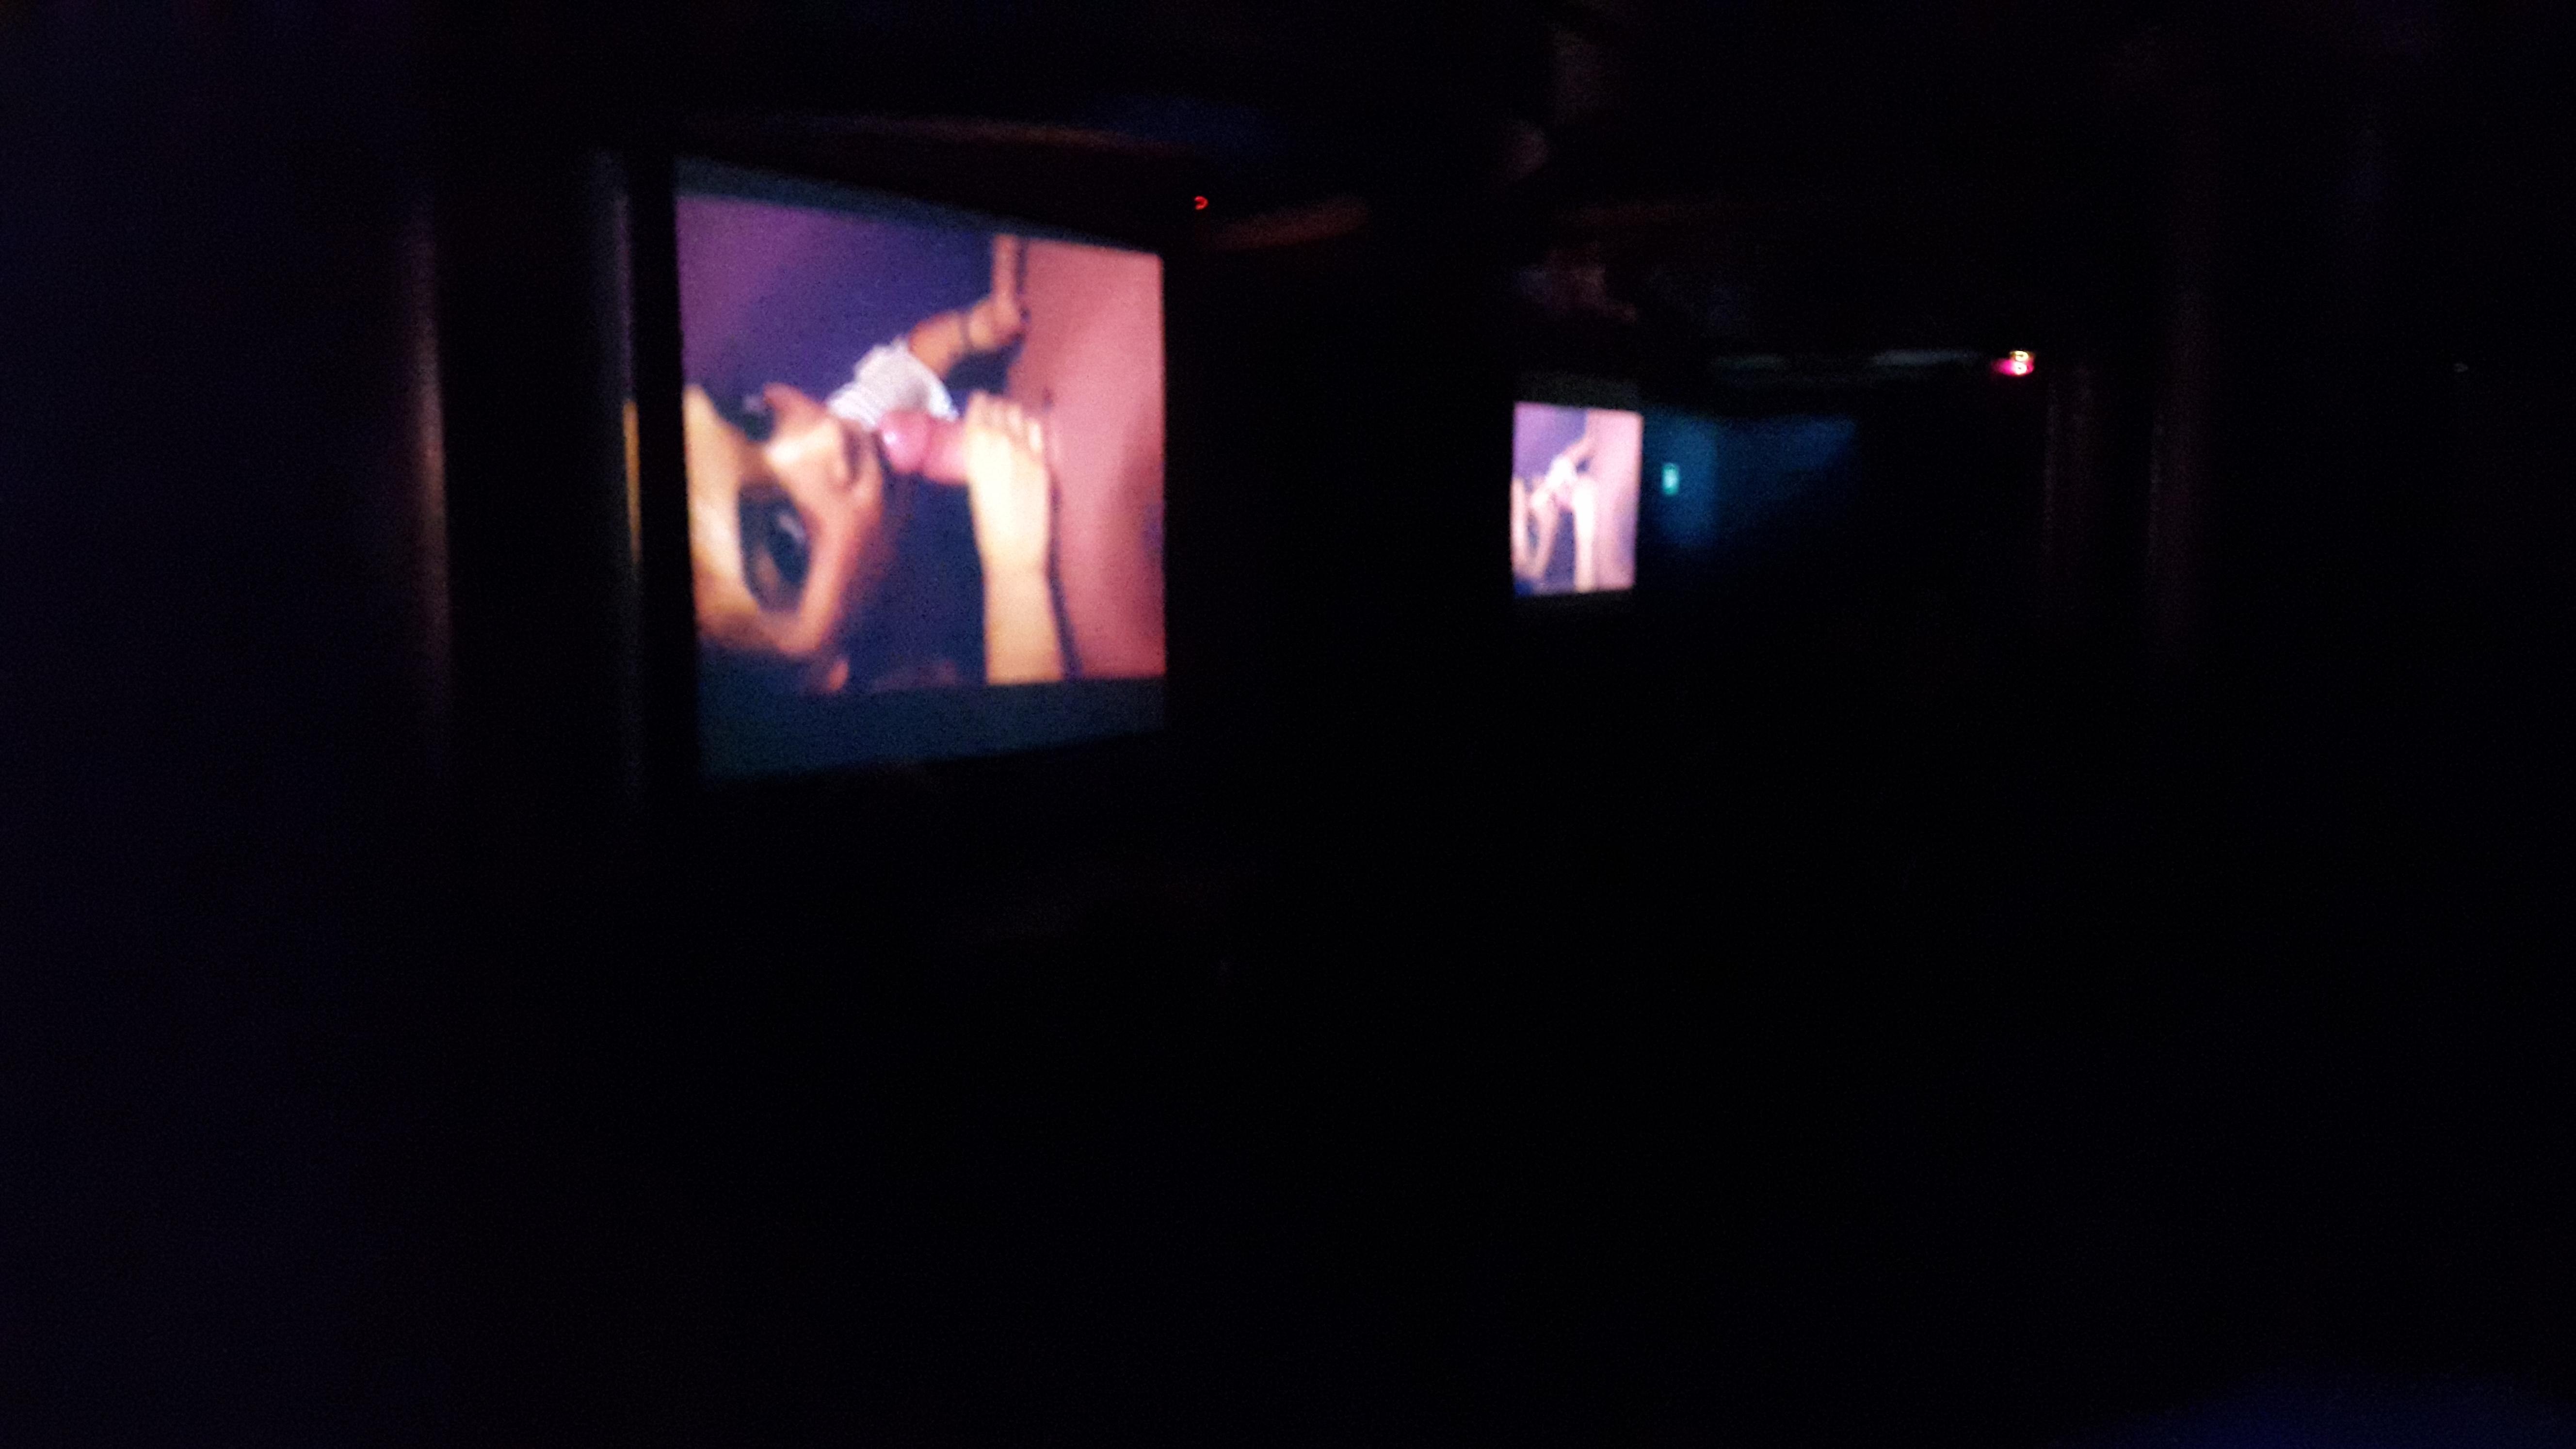 Argentina Pelicula Porno fuimos a ver la única película porno del 2018 en argentina